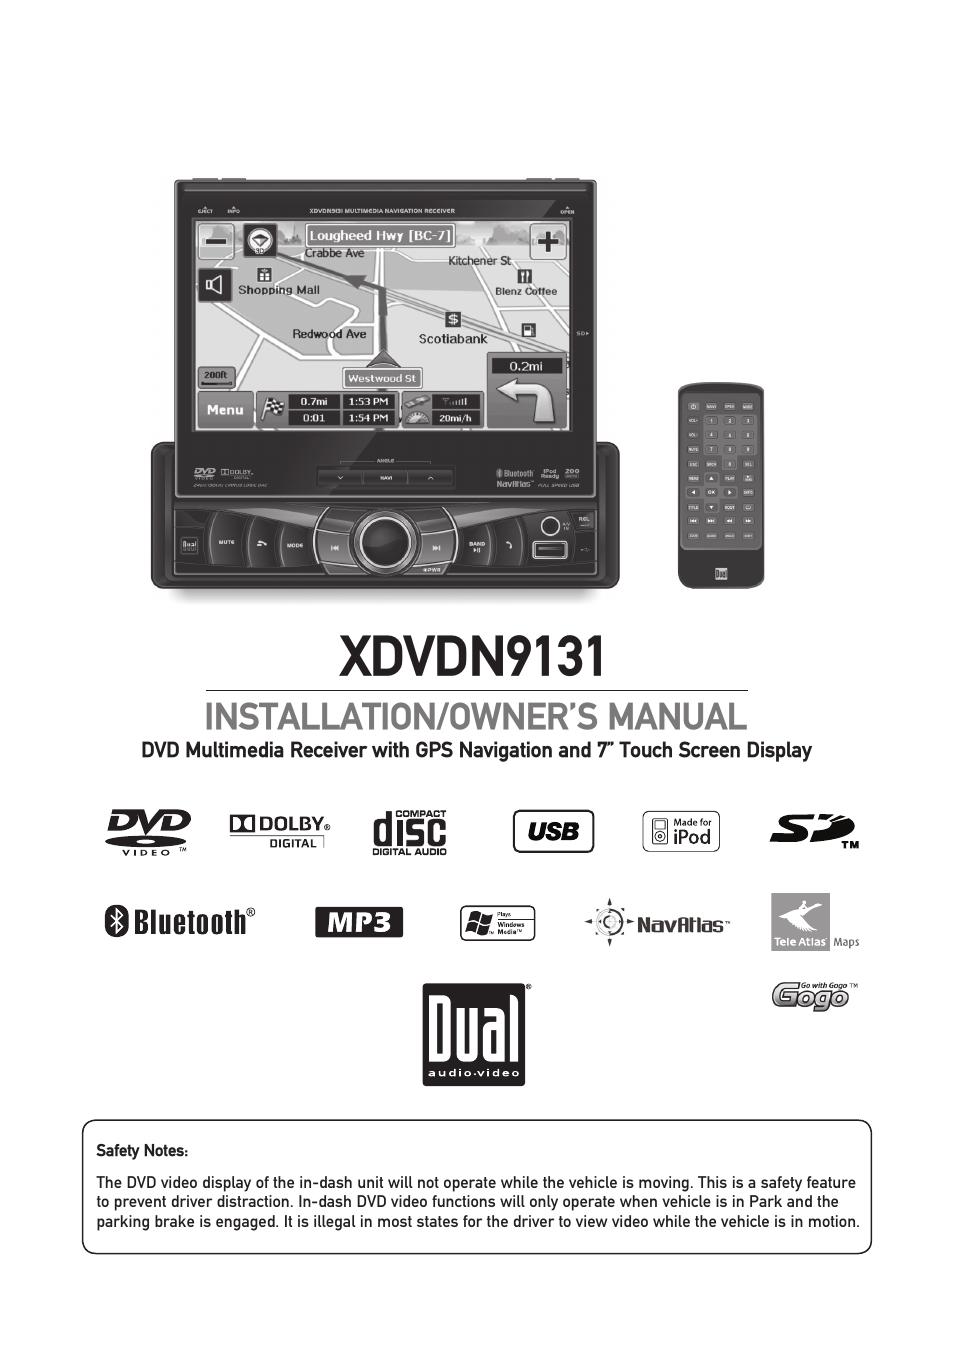 dual xdvdn9131 manual